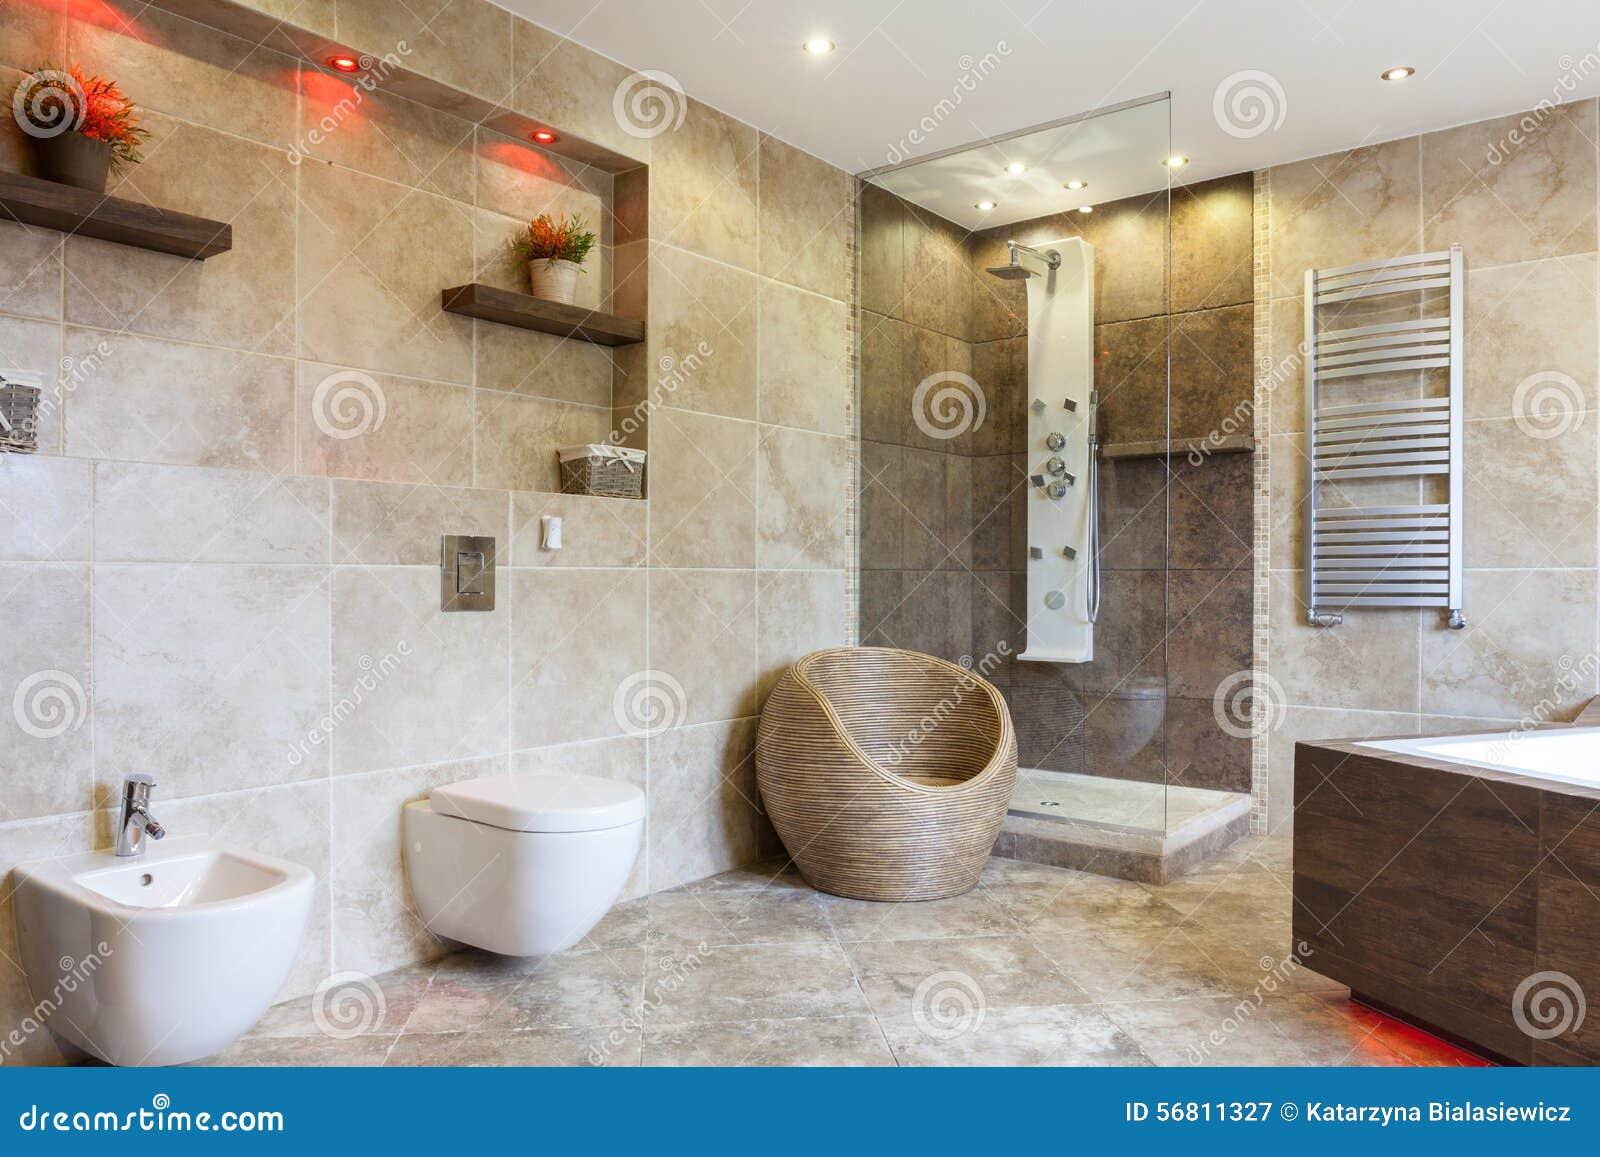 Colorare mattonelle finest colorato xmm stanza da bagno piastrelle di ceramica parete design - Dipingere le piastrelle del bagno ...